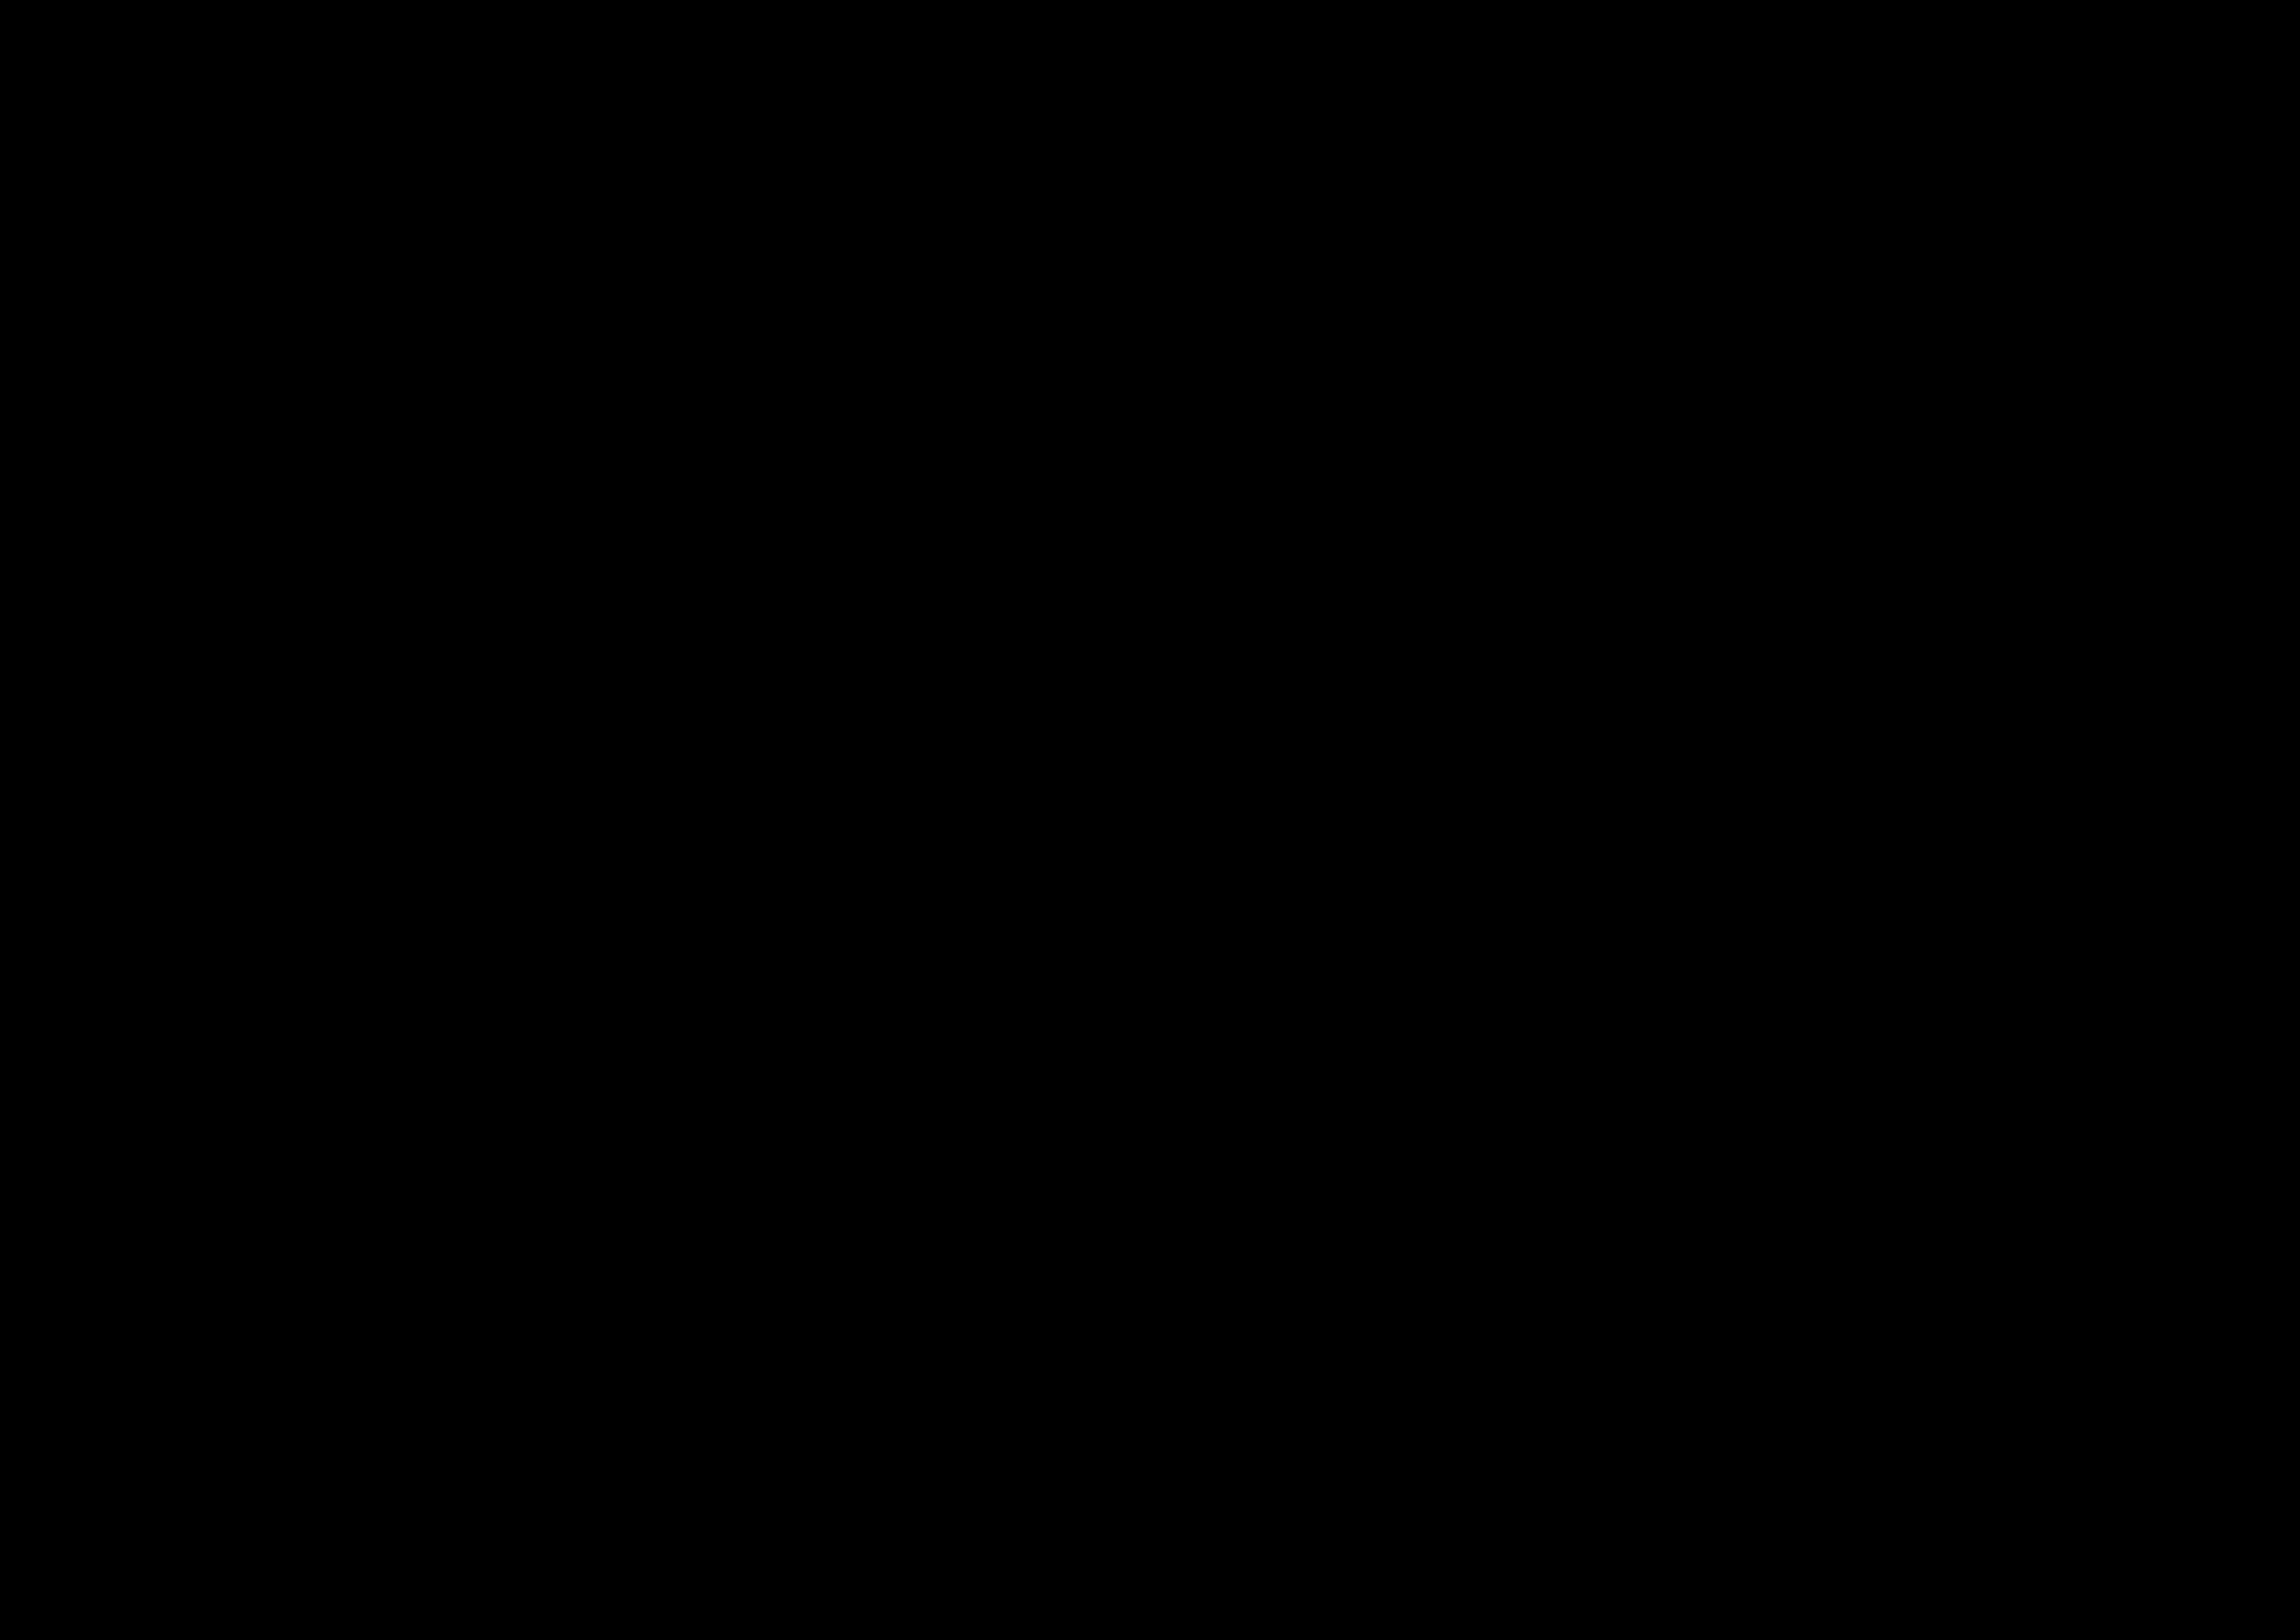 Campi elettrici e magnetici quasi stazionari - Appunti Pag. 26